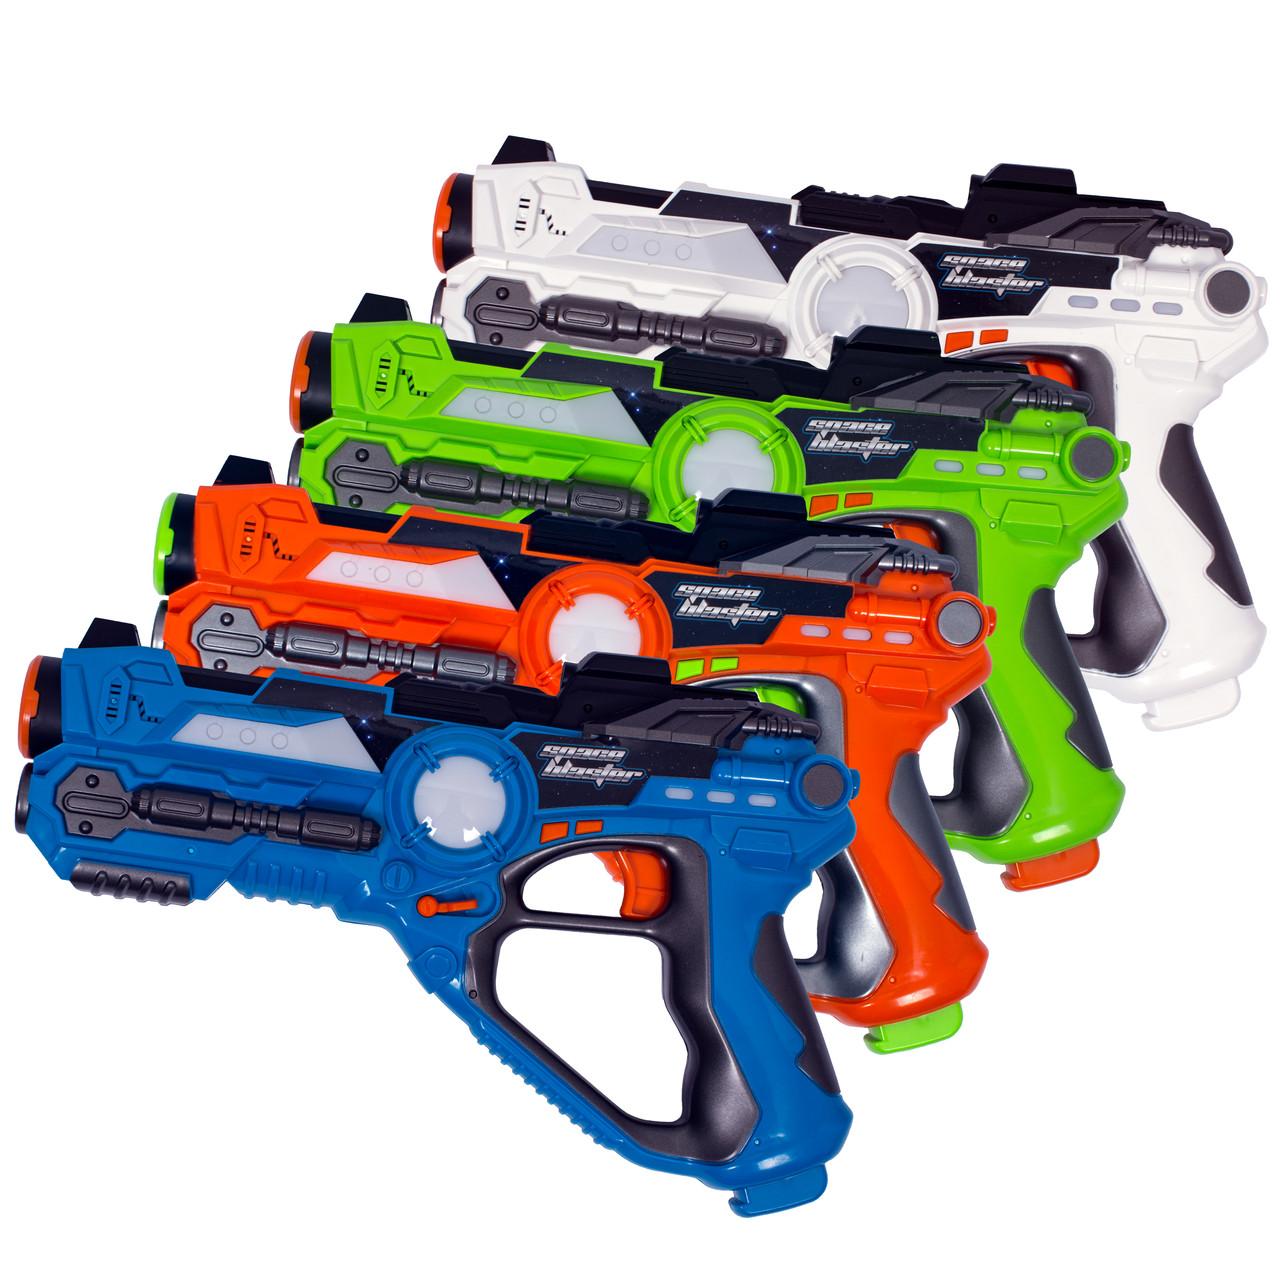 Набор из четырех интерактивных пистолетов для игры лазертаг GRAY STARLING